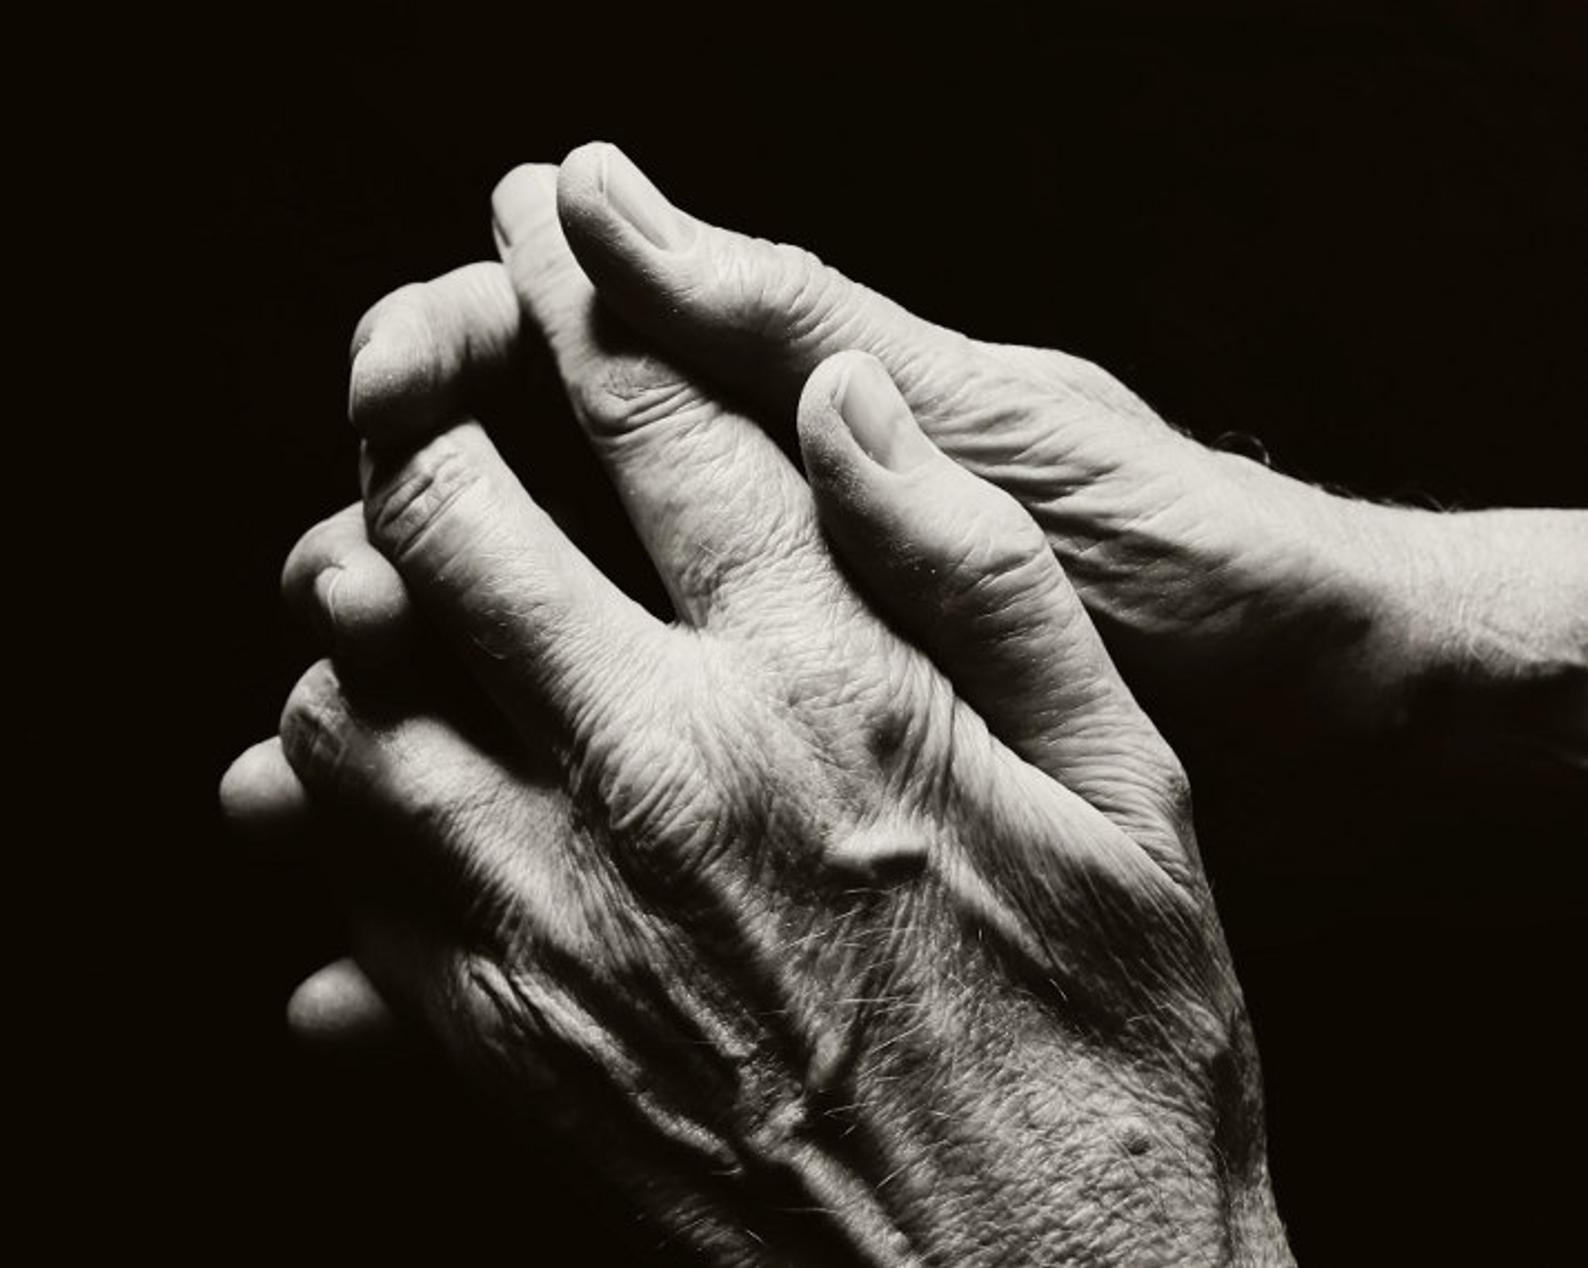 photographie noir et blanc mains fine